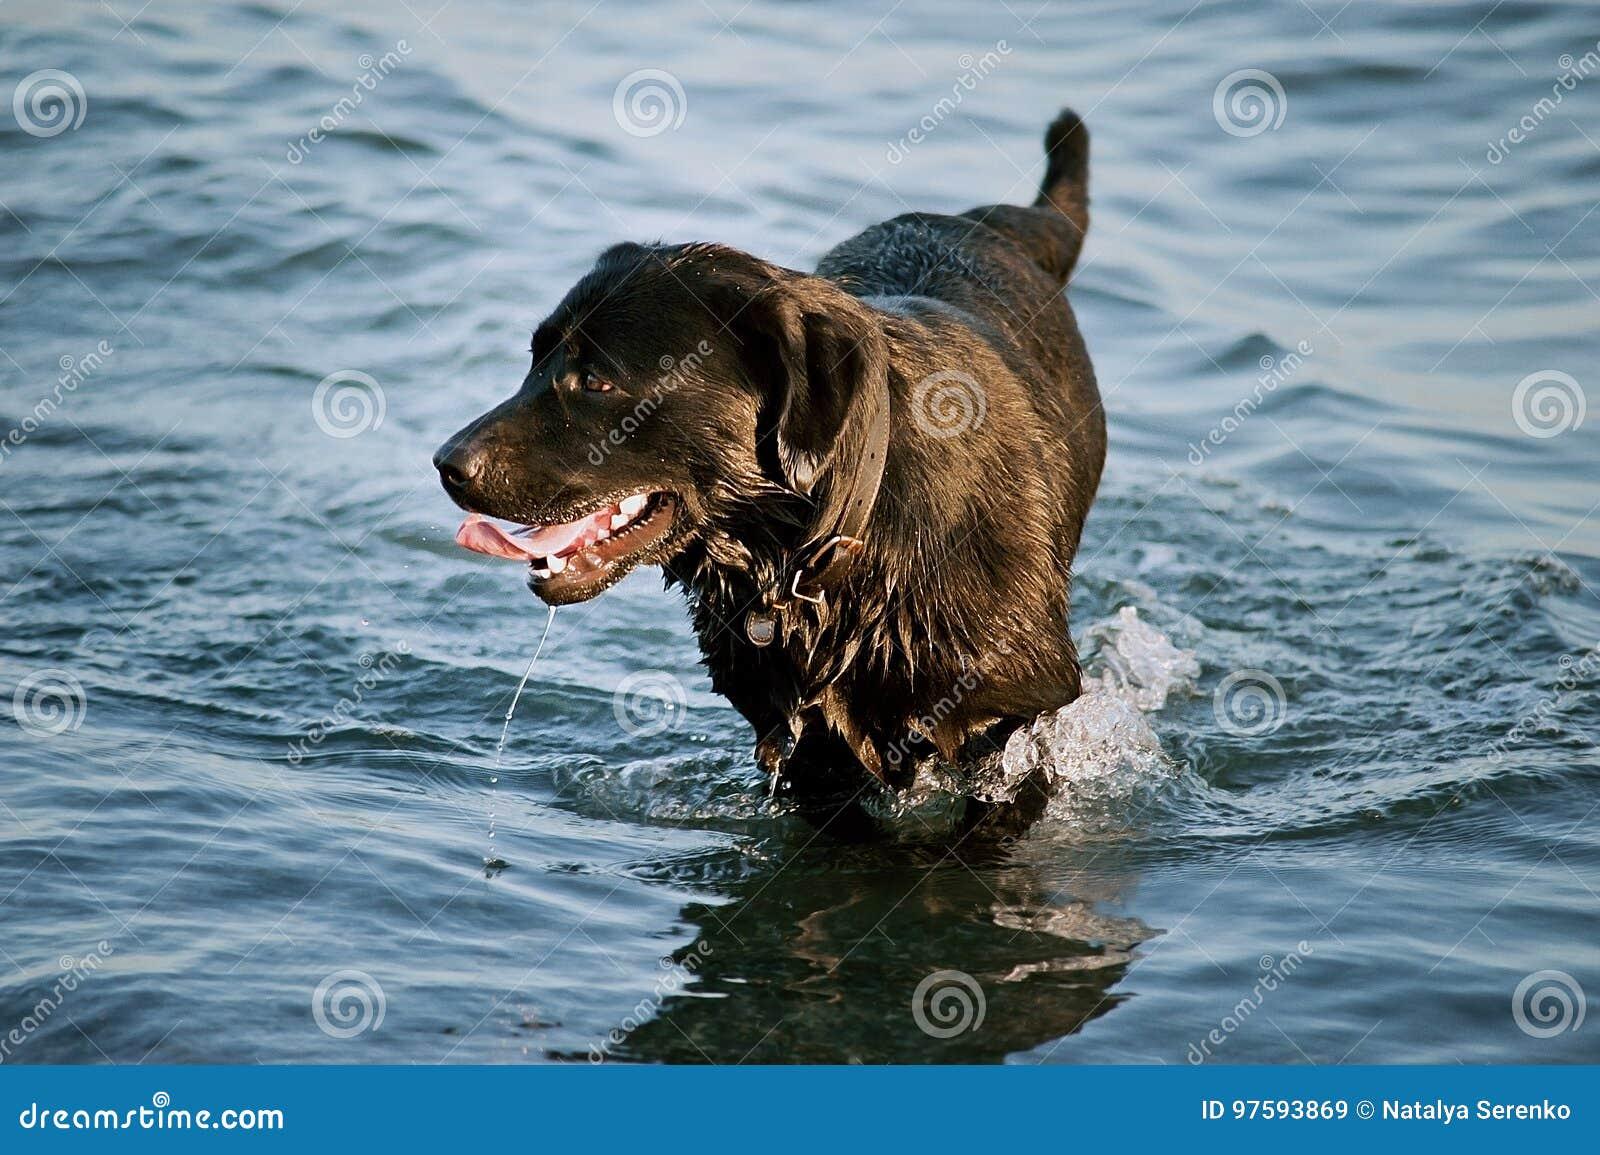 Купают большую черную собаку в воде собака золотого retriever labrador бежит на воде в море